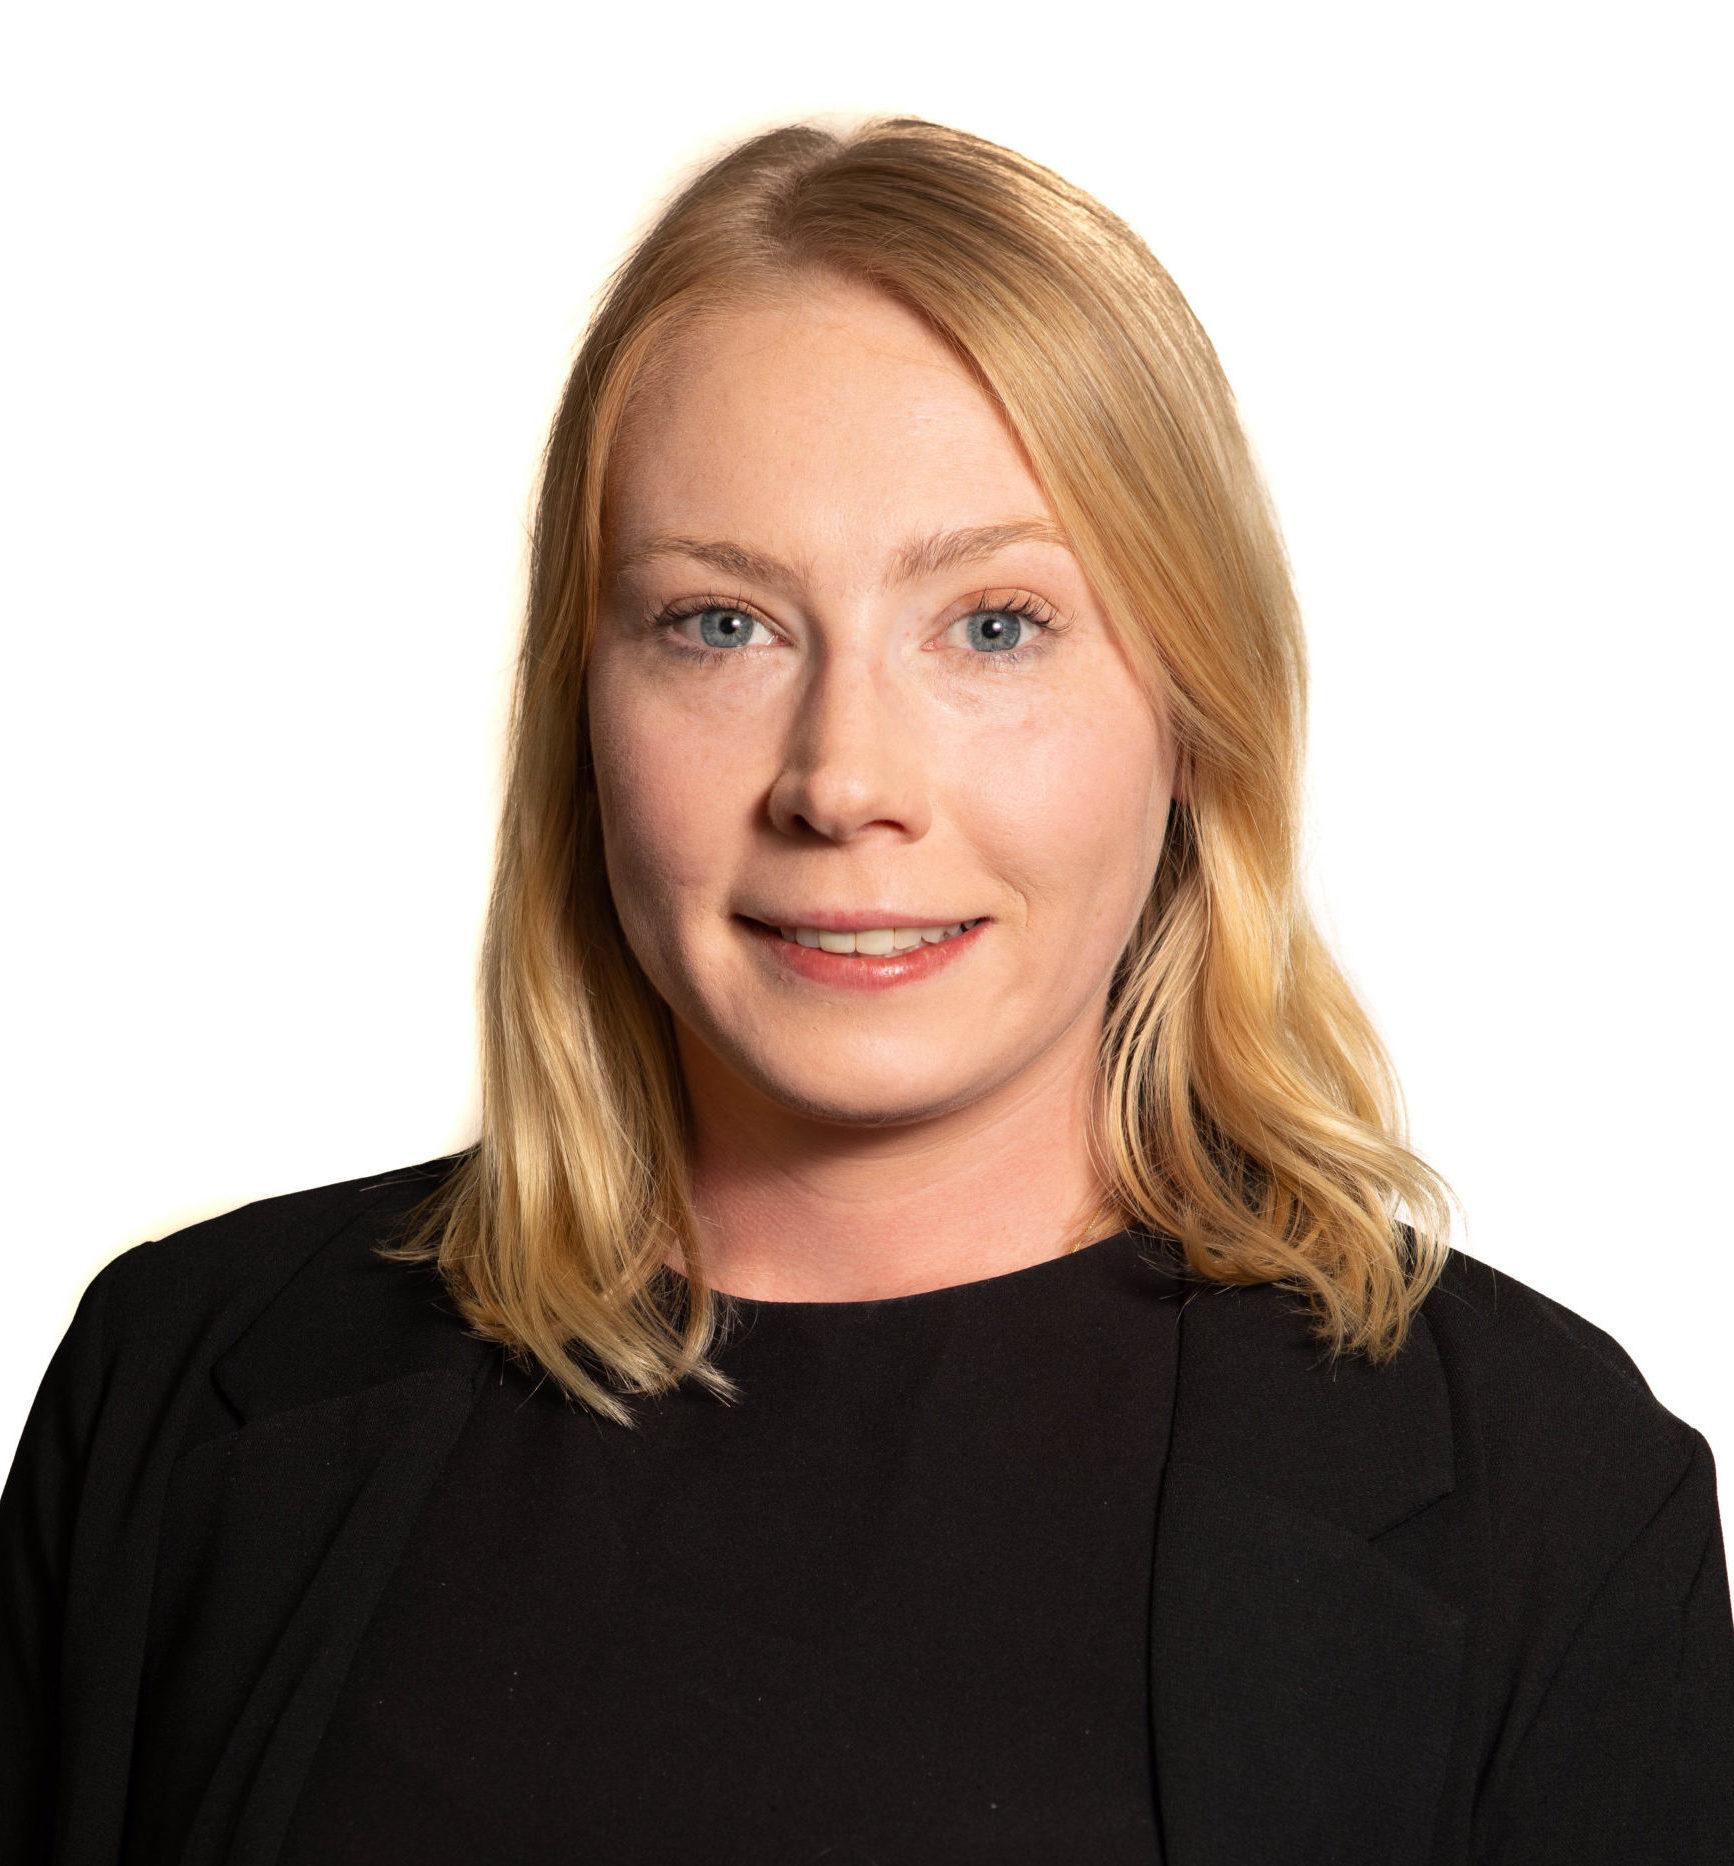 Natalya McClung